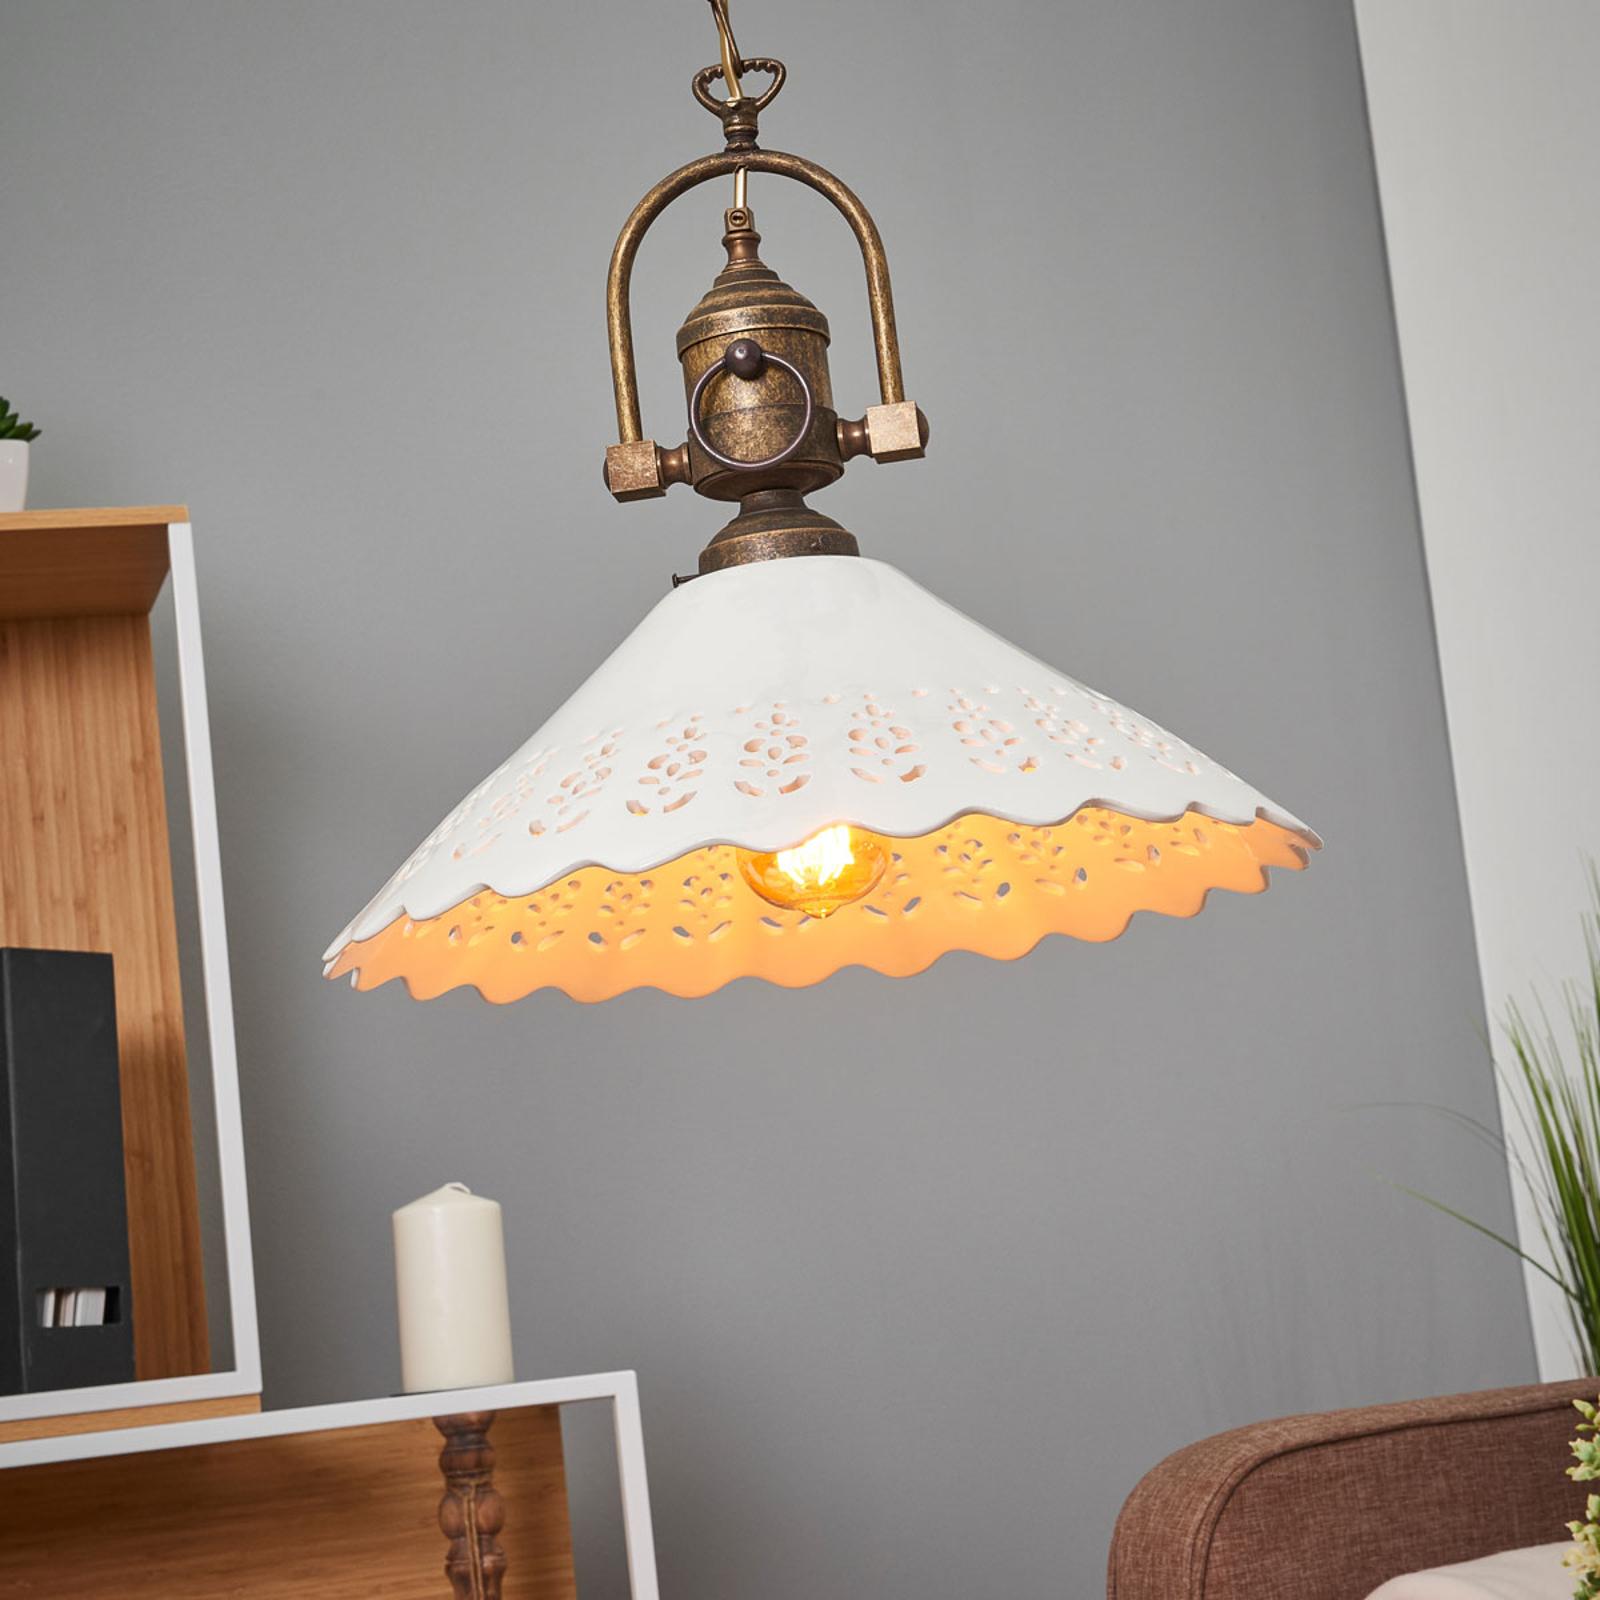 Hanglamp Pizzo met ketting, 1-lamps